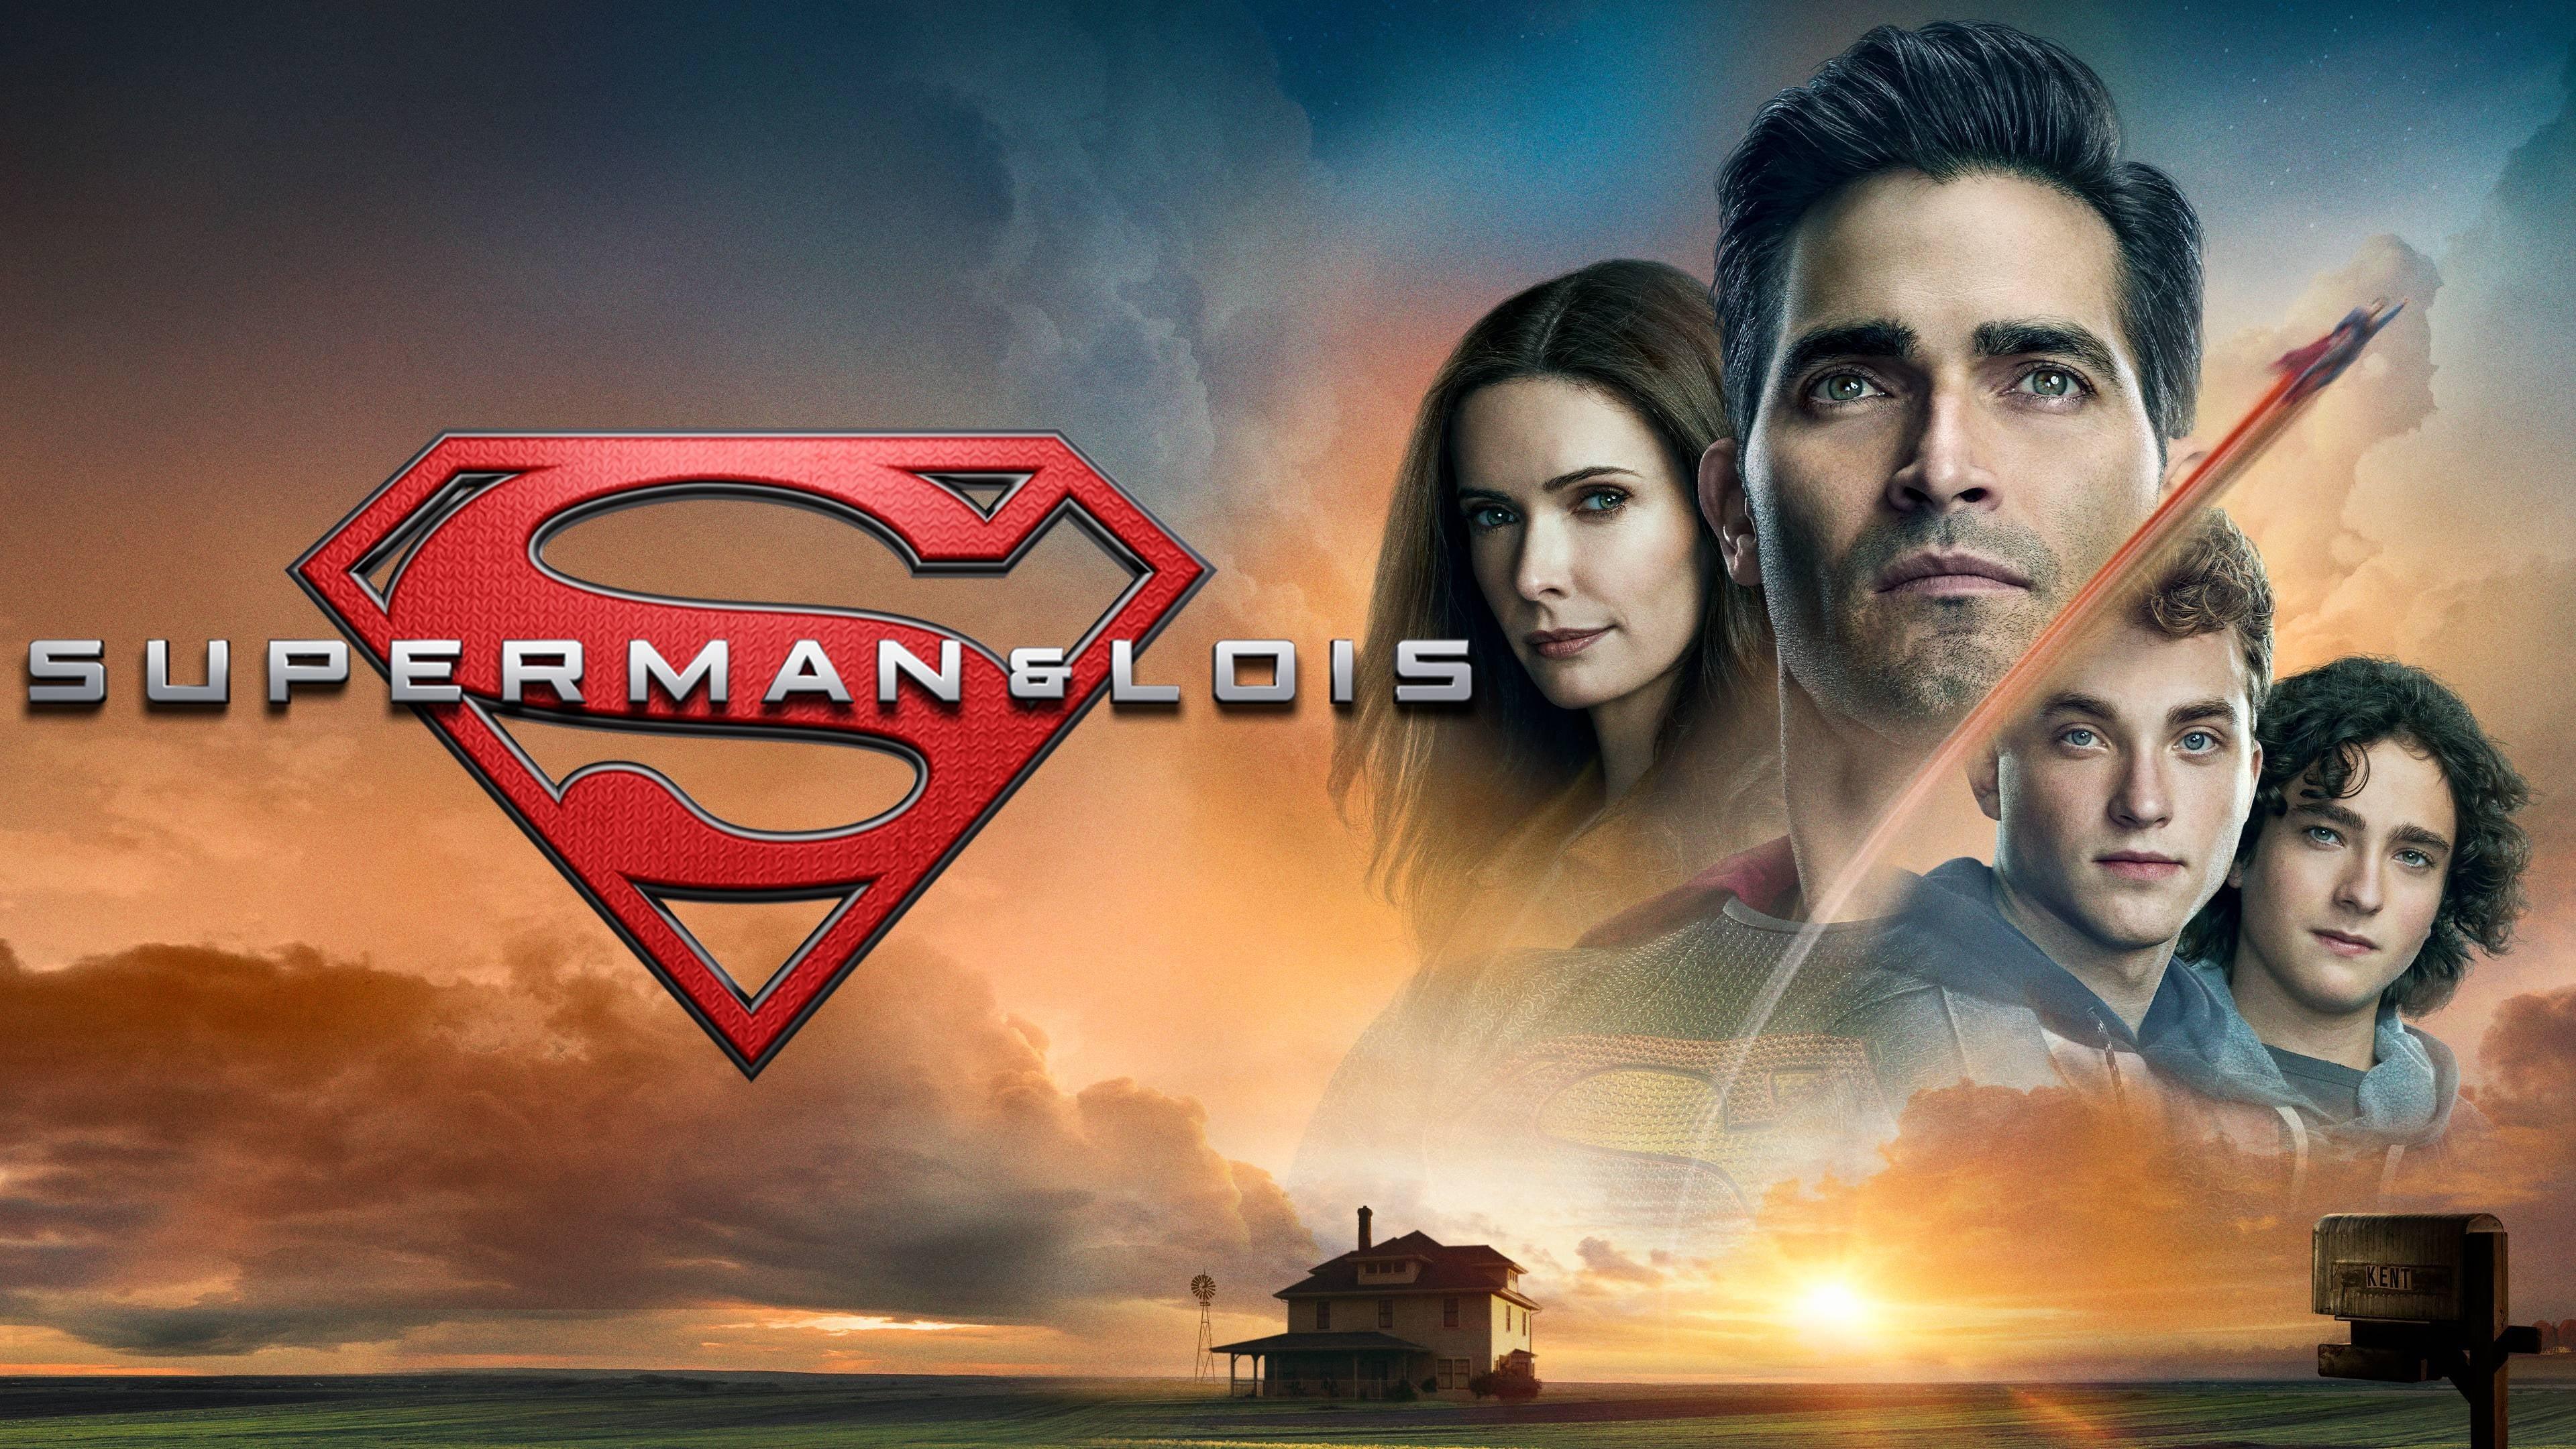 Superman & Lois - Season 1 Episode 14